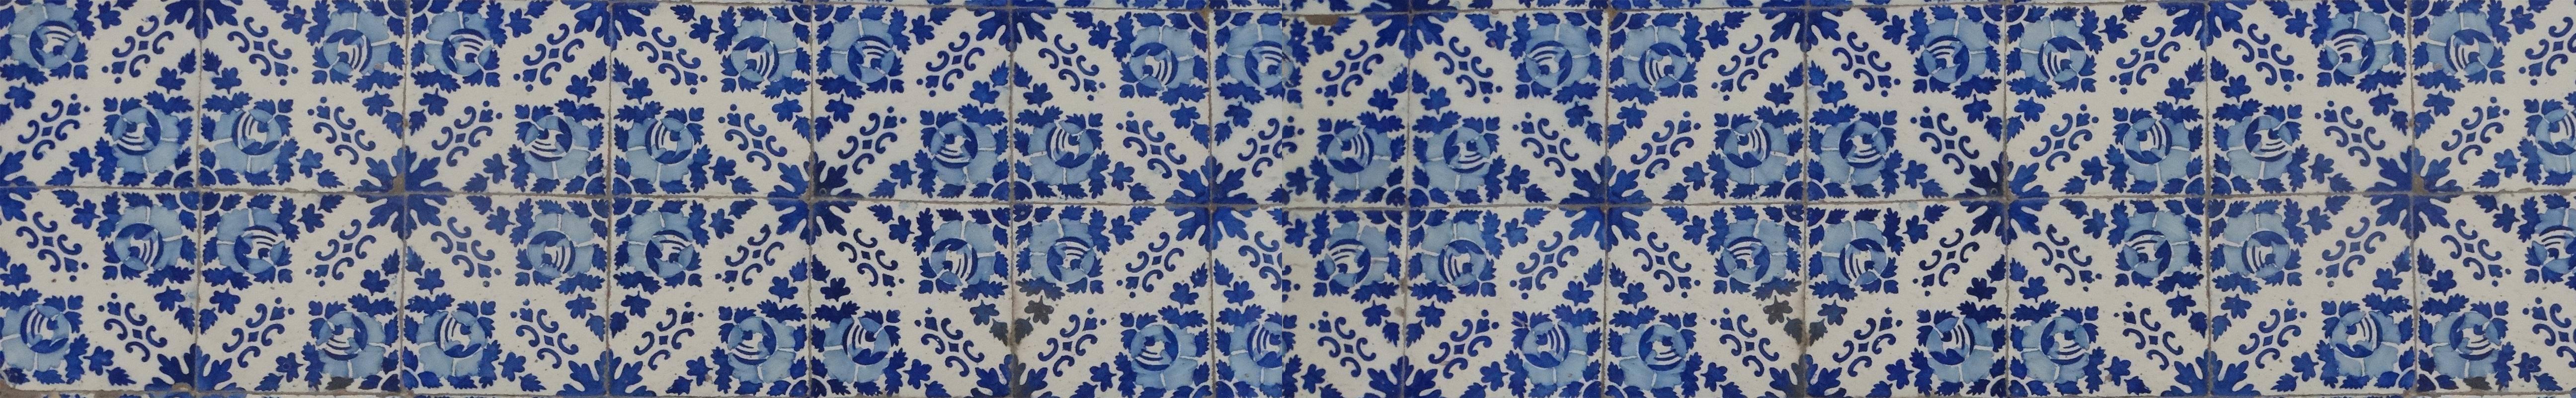 azulejo e pedra2